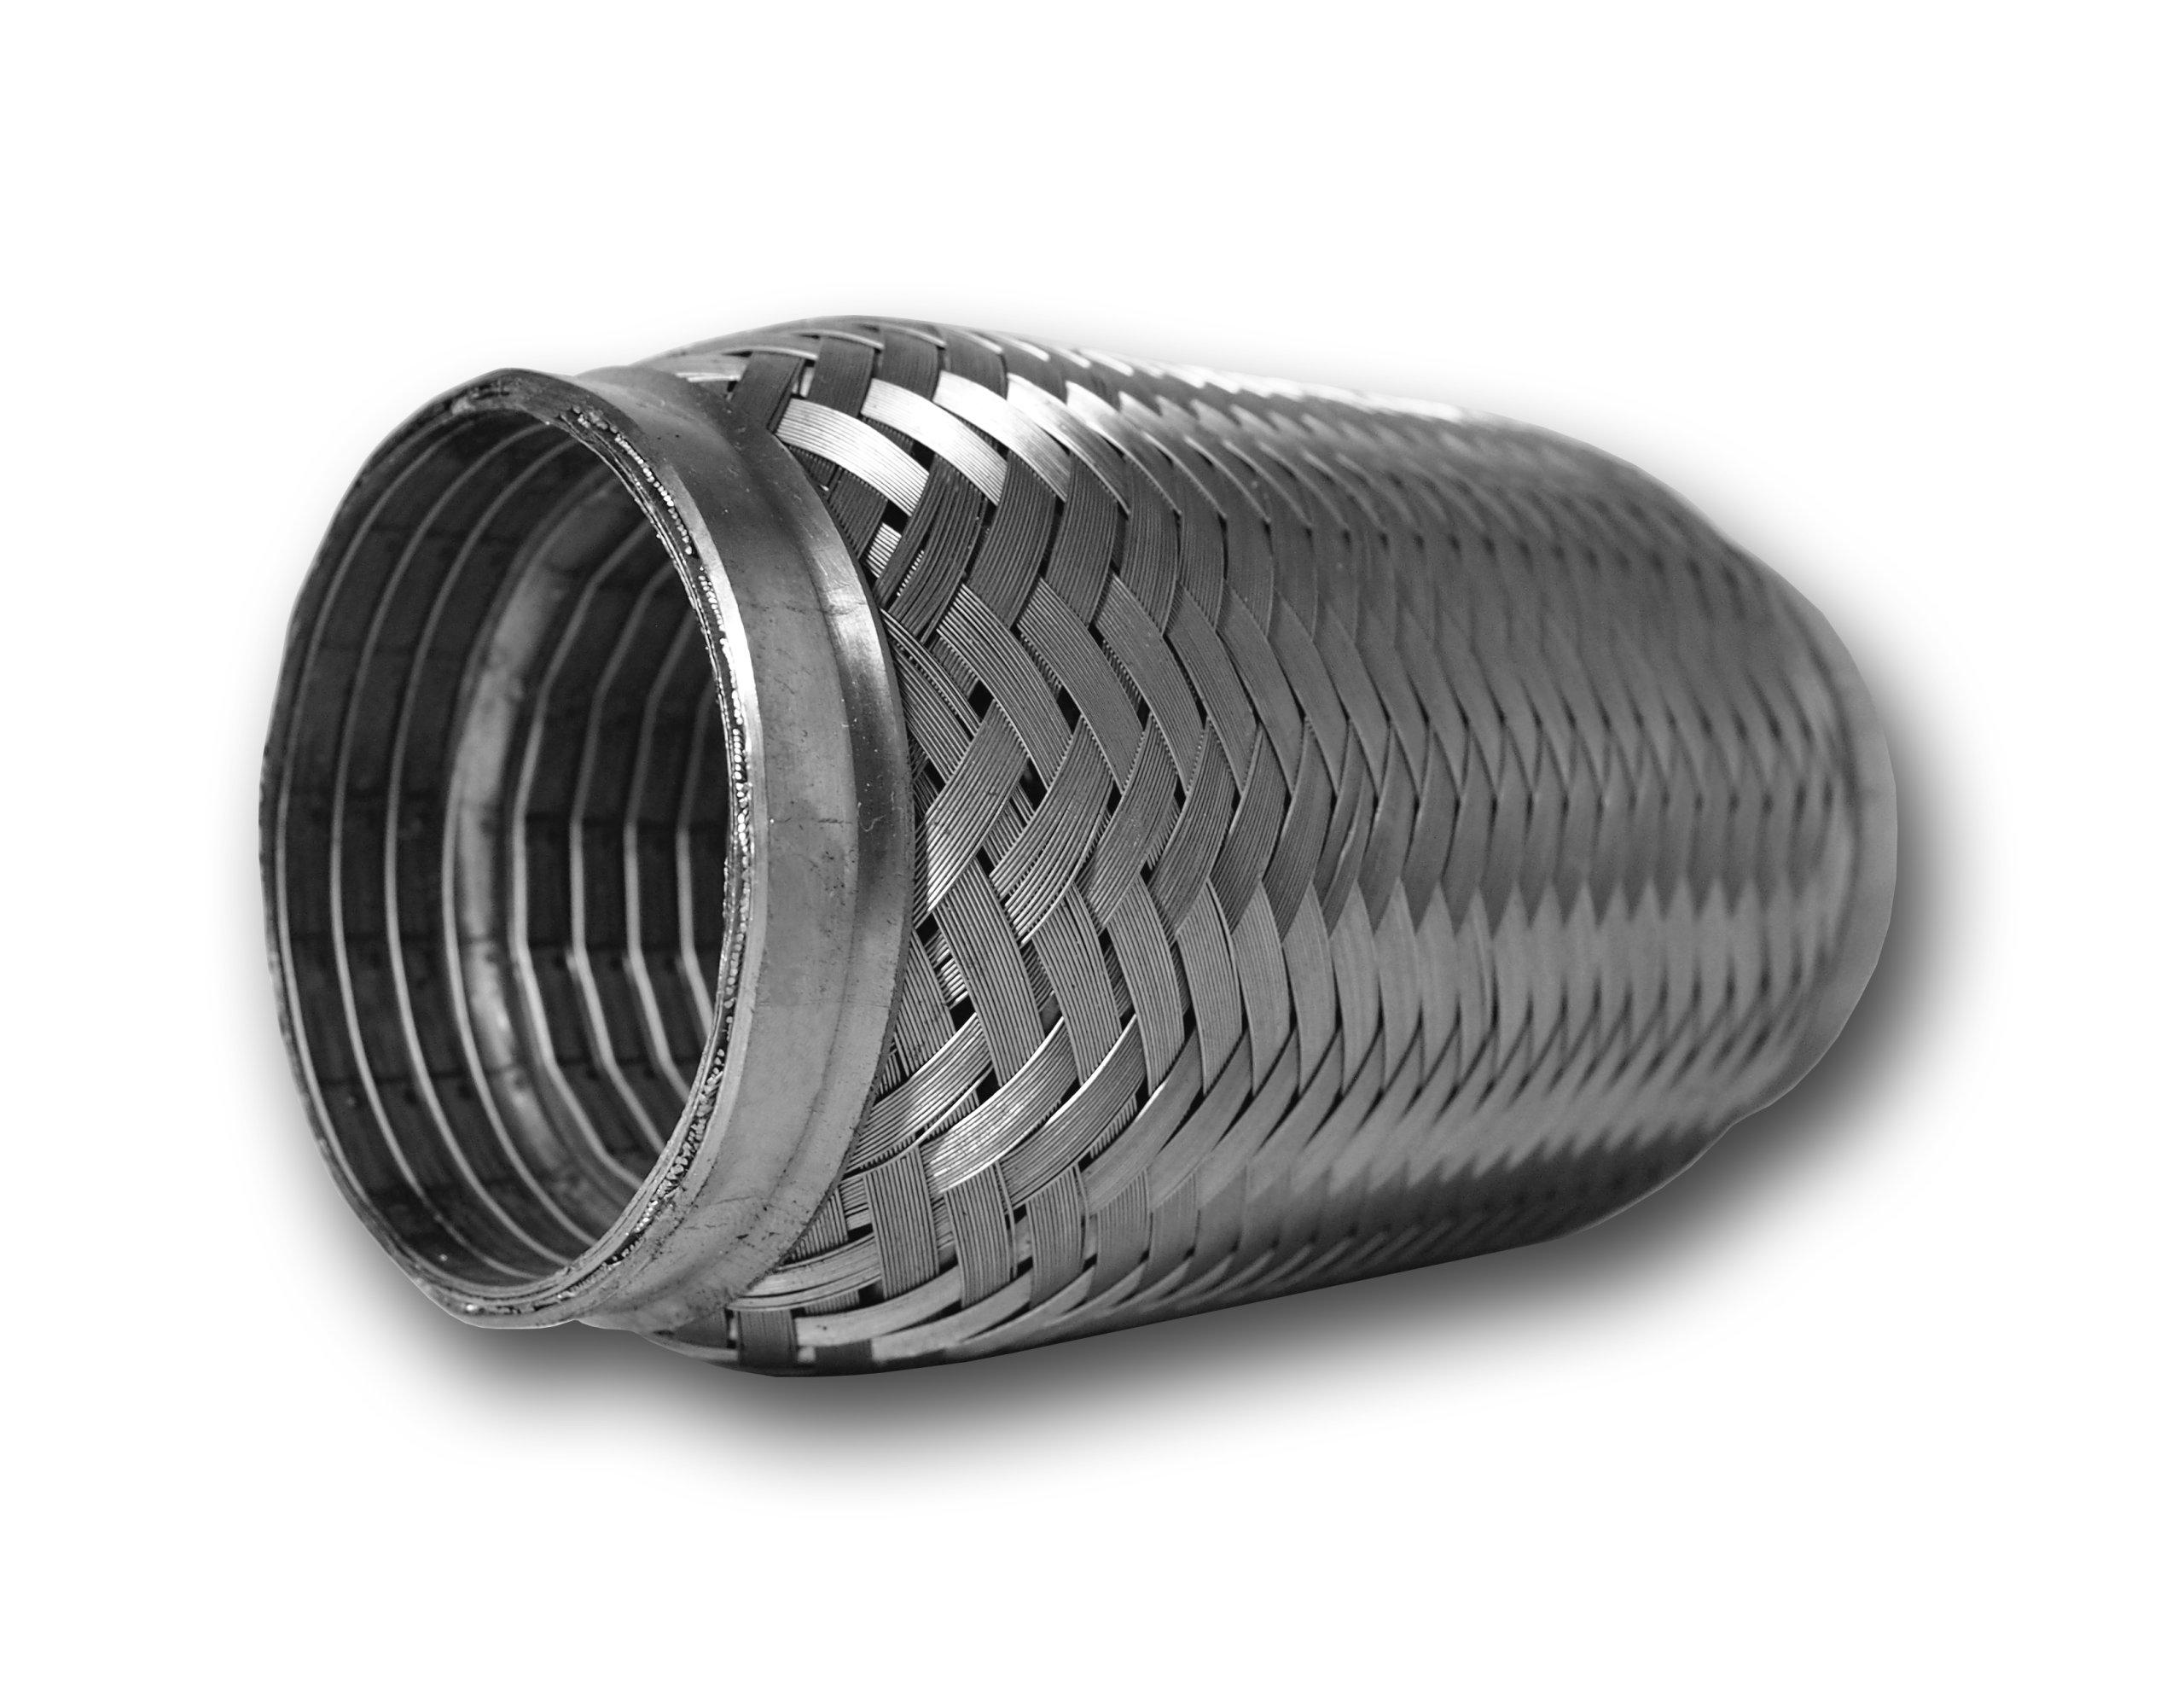 Эластические соединители глушителя, bmw 3 e91 (бмв), разъем гибкие bmw e91 peszel 318d 320d